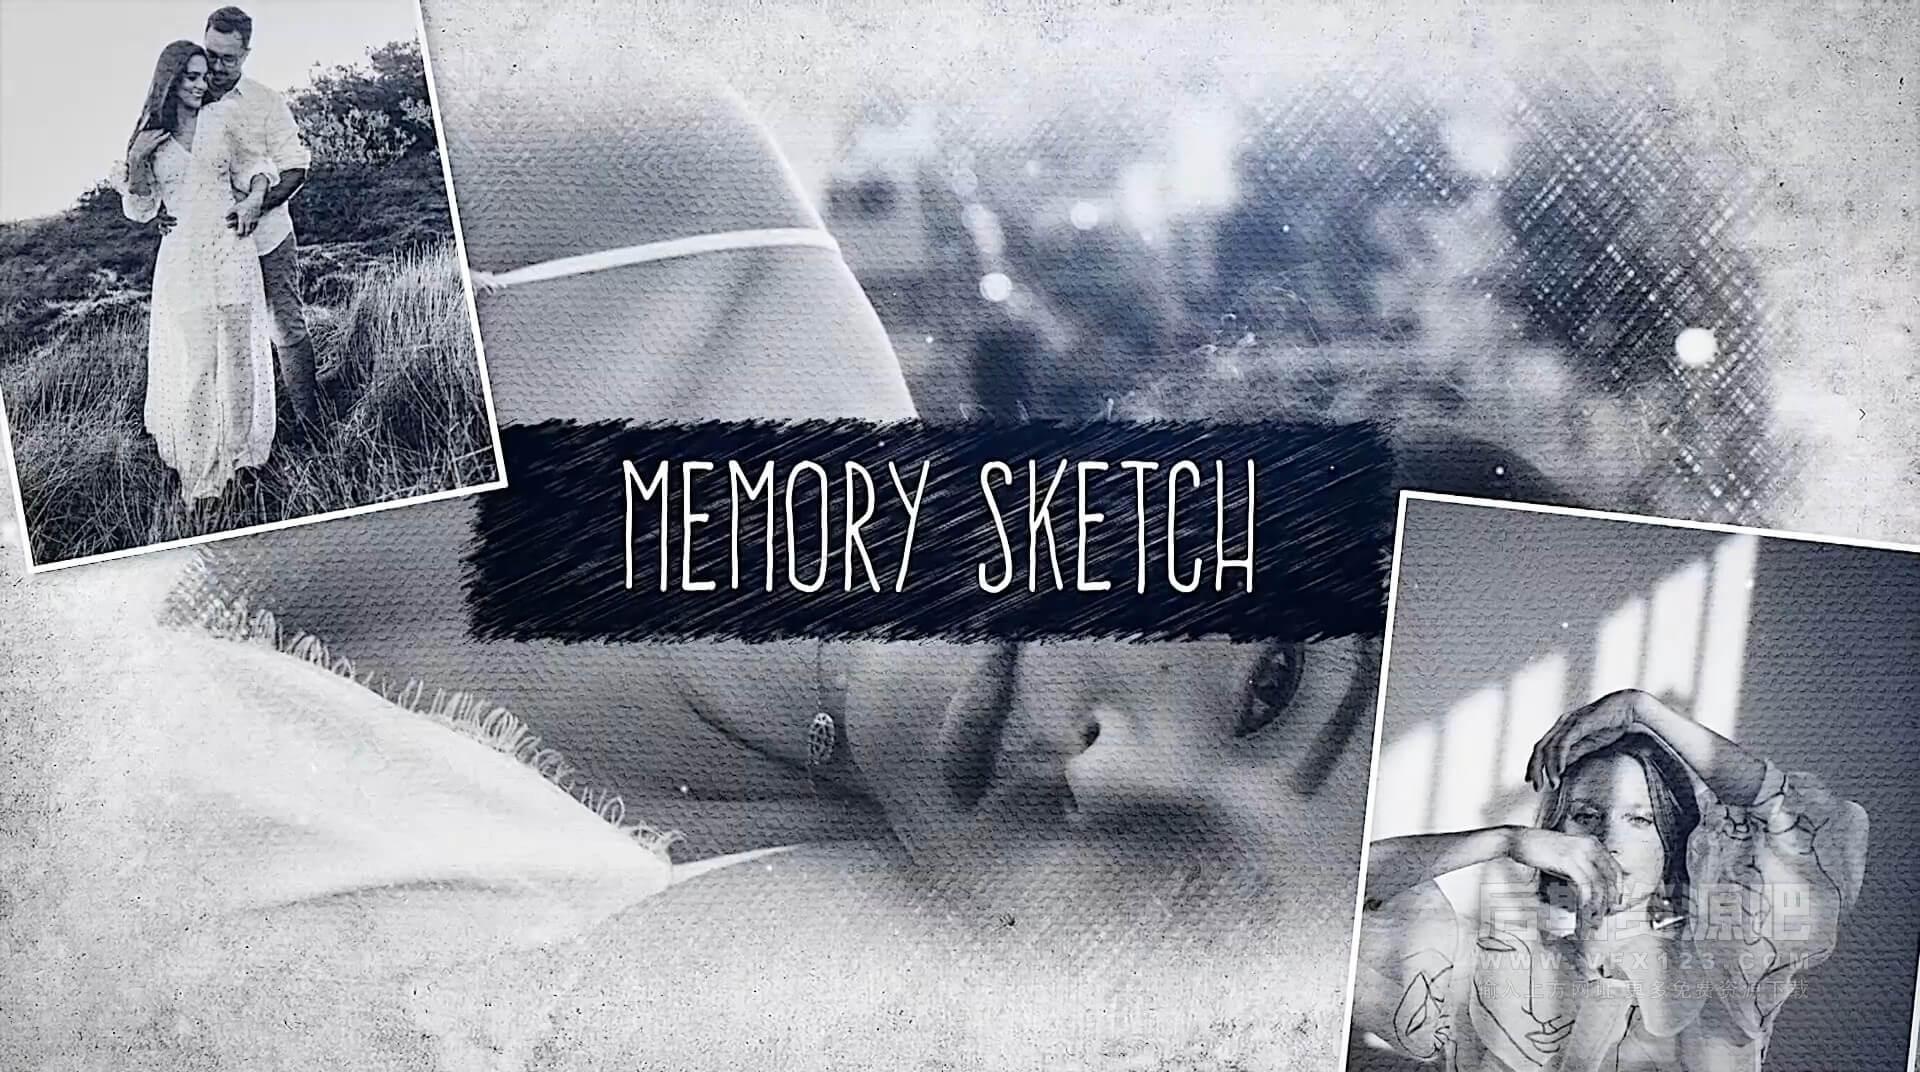 FCPX主题模板 素描手绘风格回忆相册纪念册展示 Memory Sketch